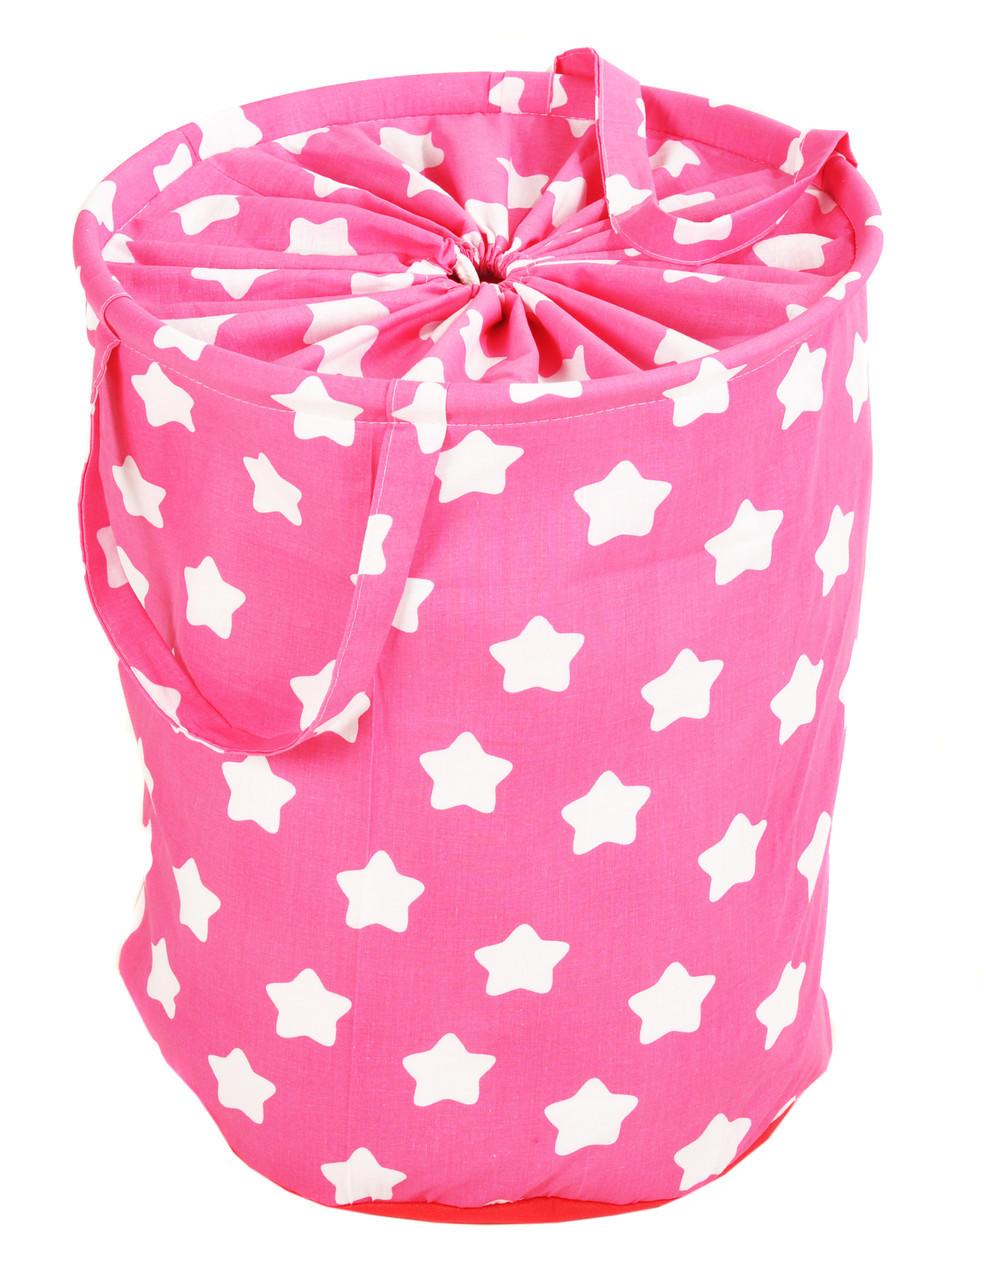 Корзина для игрушек элит, 50*60, хлопок: звезды на розовом